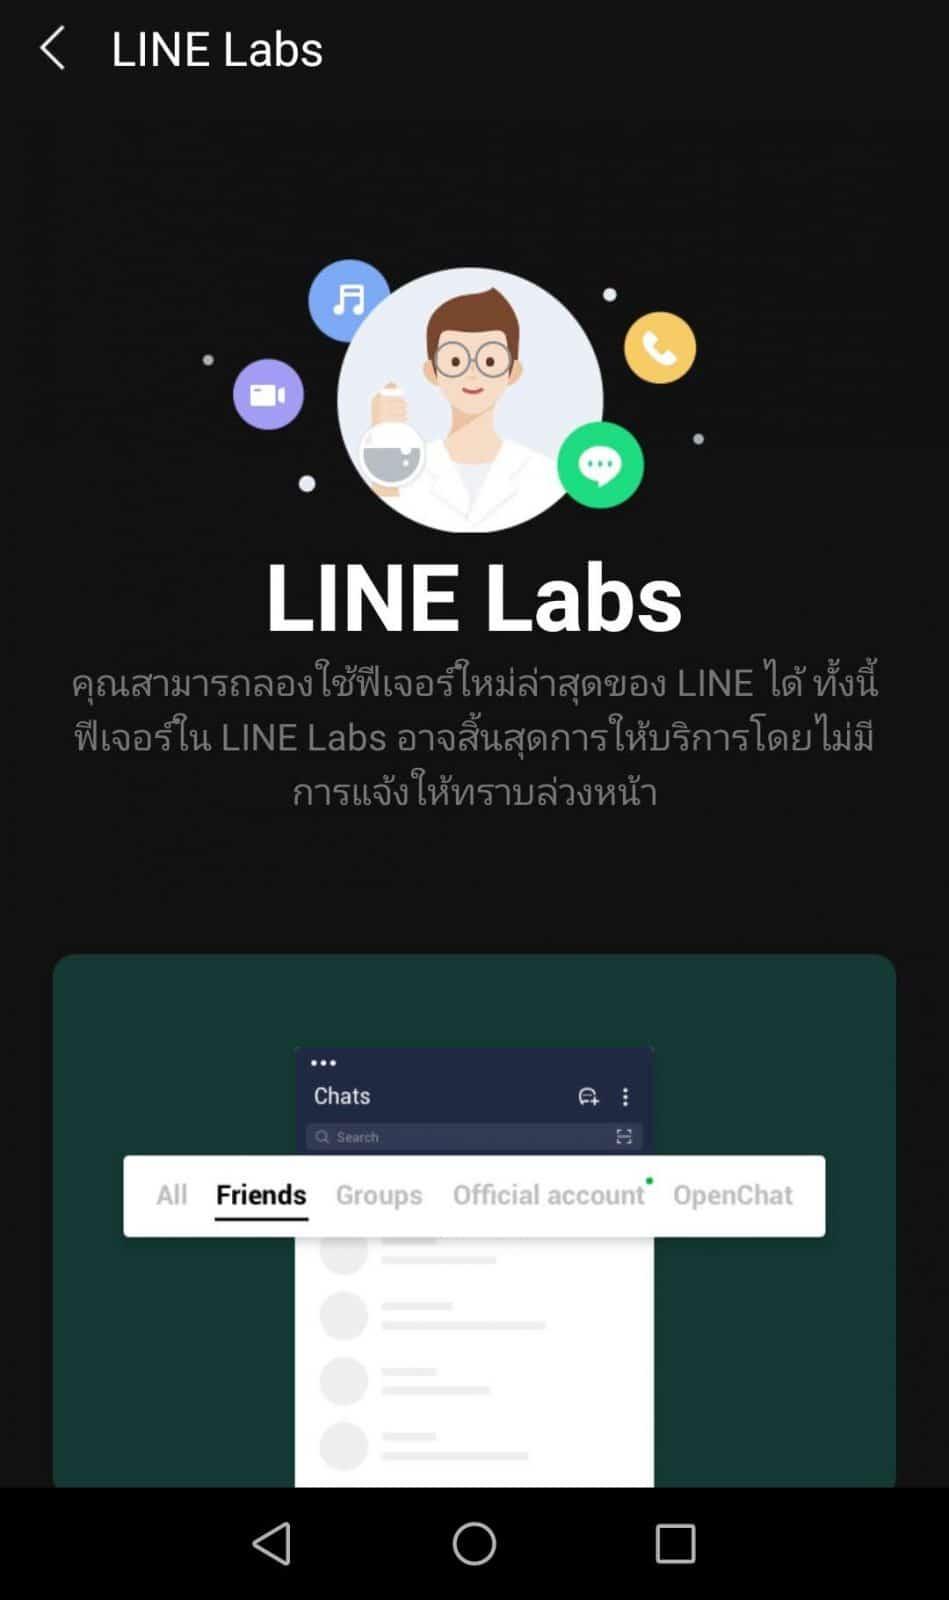 วิธีการตั้งค่า Silent Messaging อยากส่งข้อความไป แต่ไม่อยากกวนกับ LINE LAB Silent Messaging